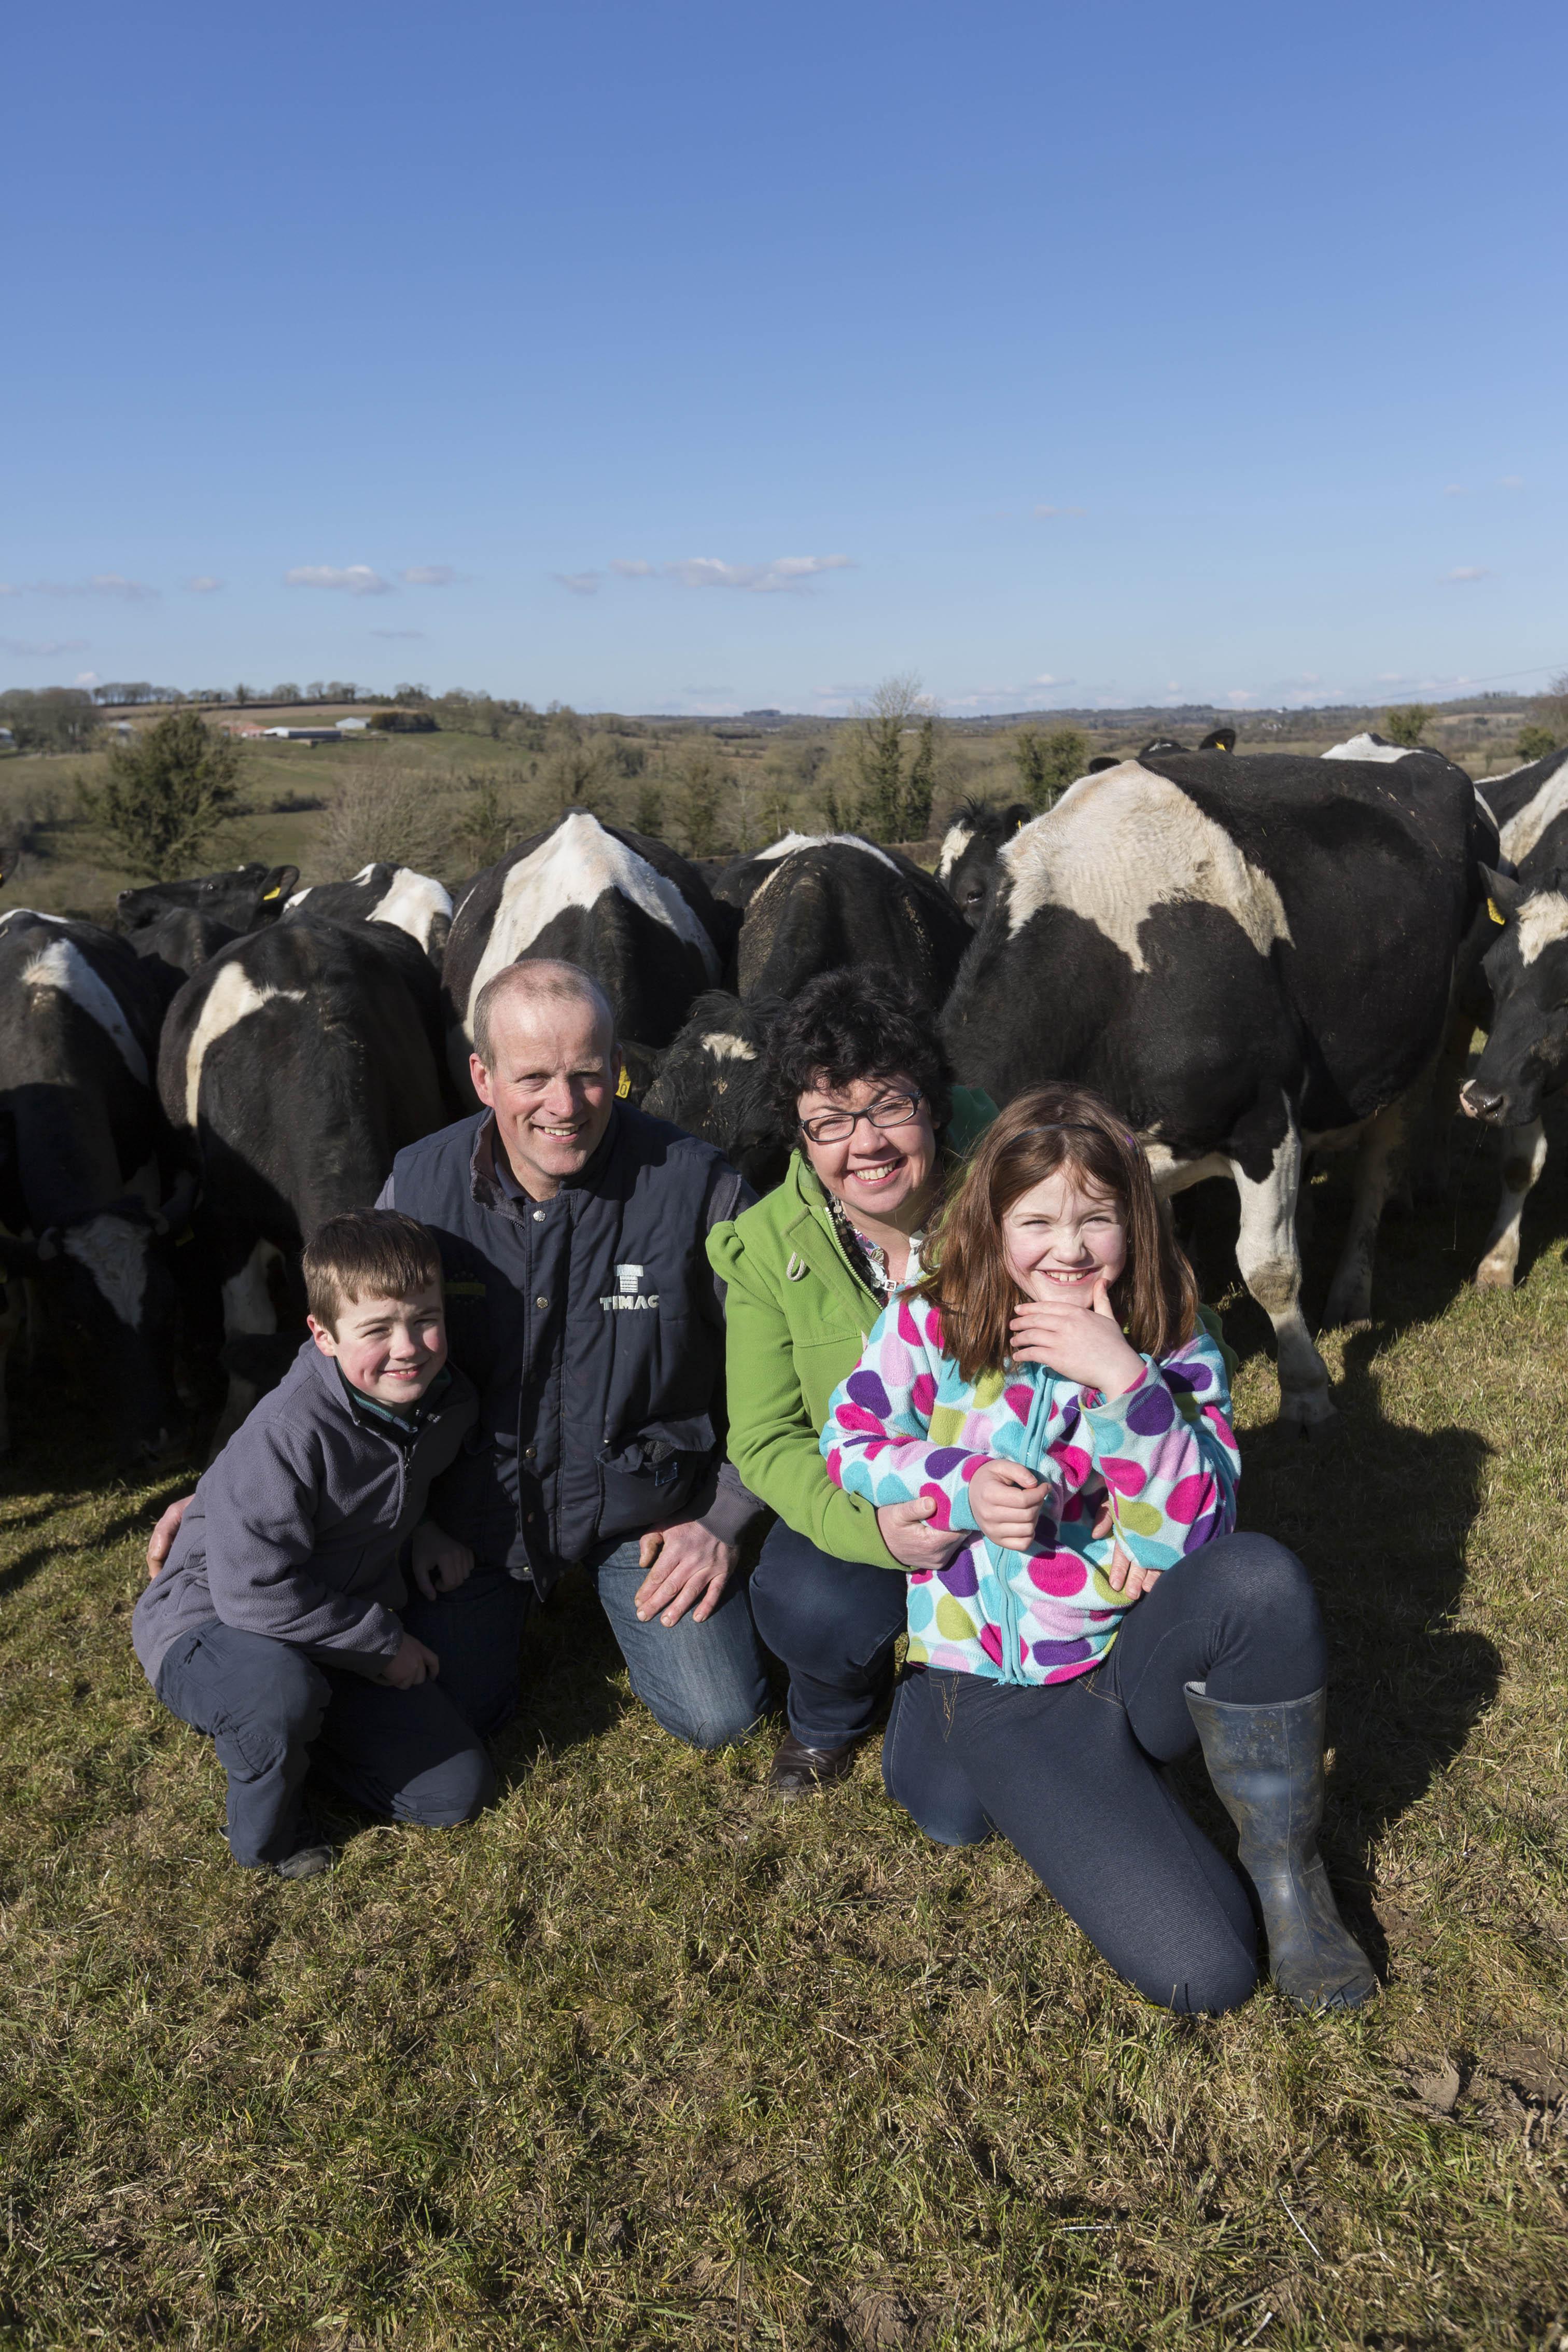 Garrendenny Farm 2013